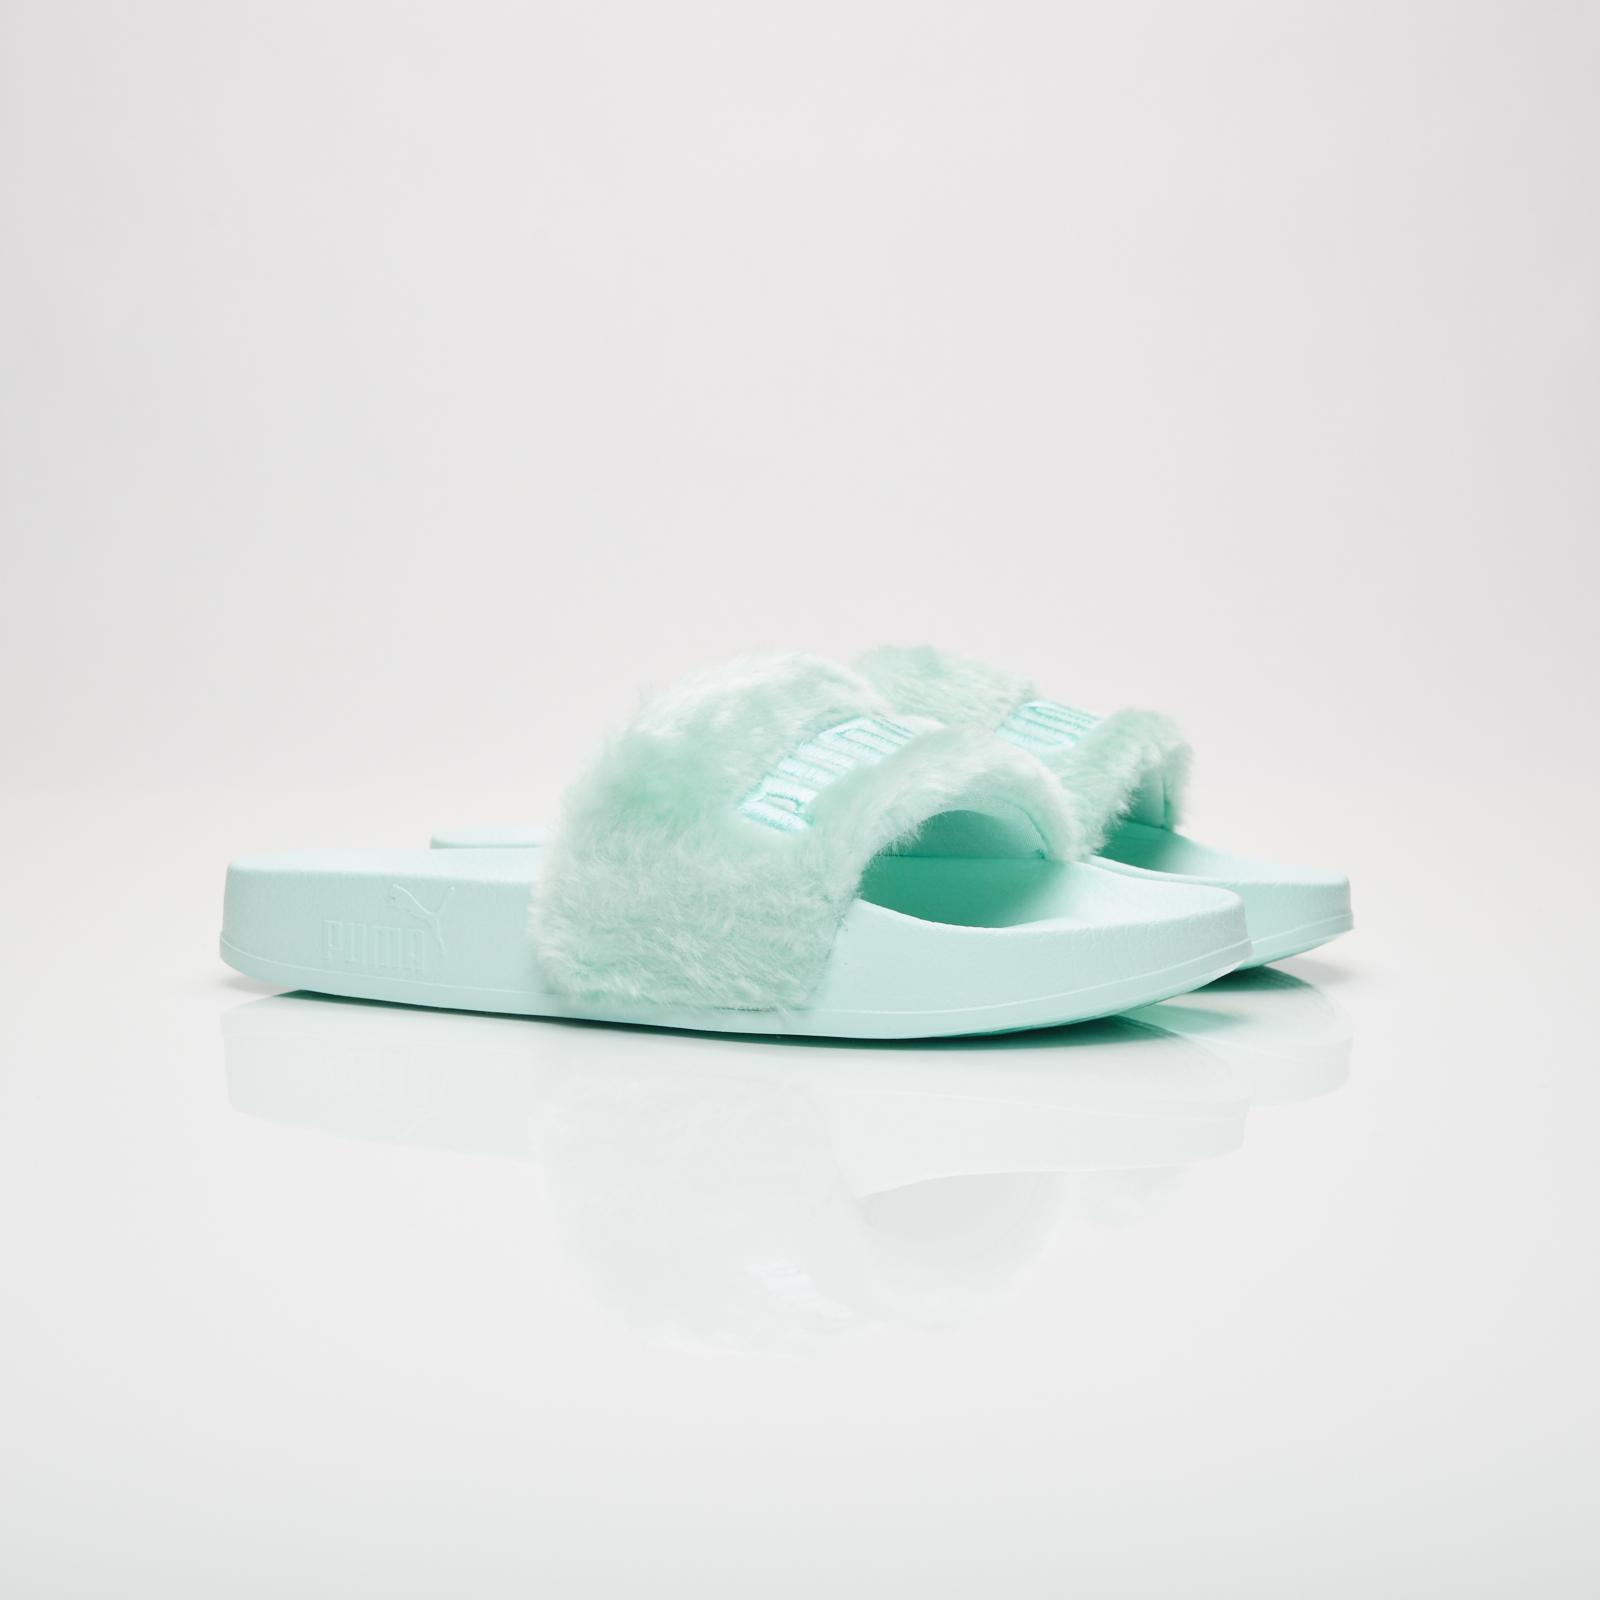 buy online 0f78d ee23f Puma Fur Slides - 365772-01 - Sneakersnstuff | sneakers ...